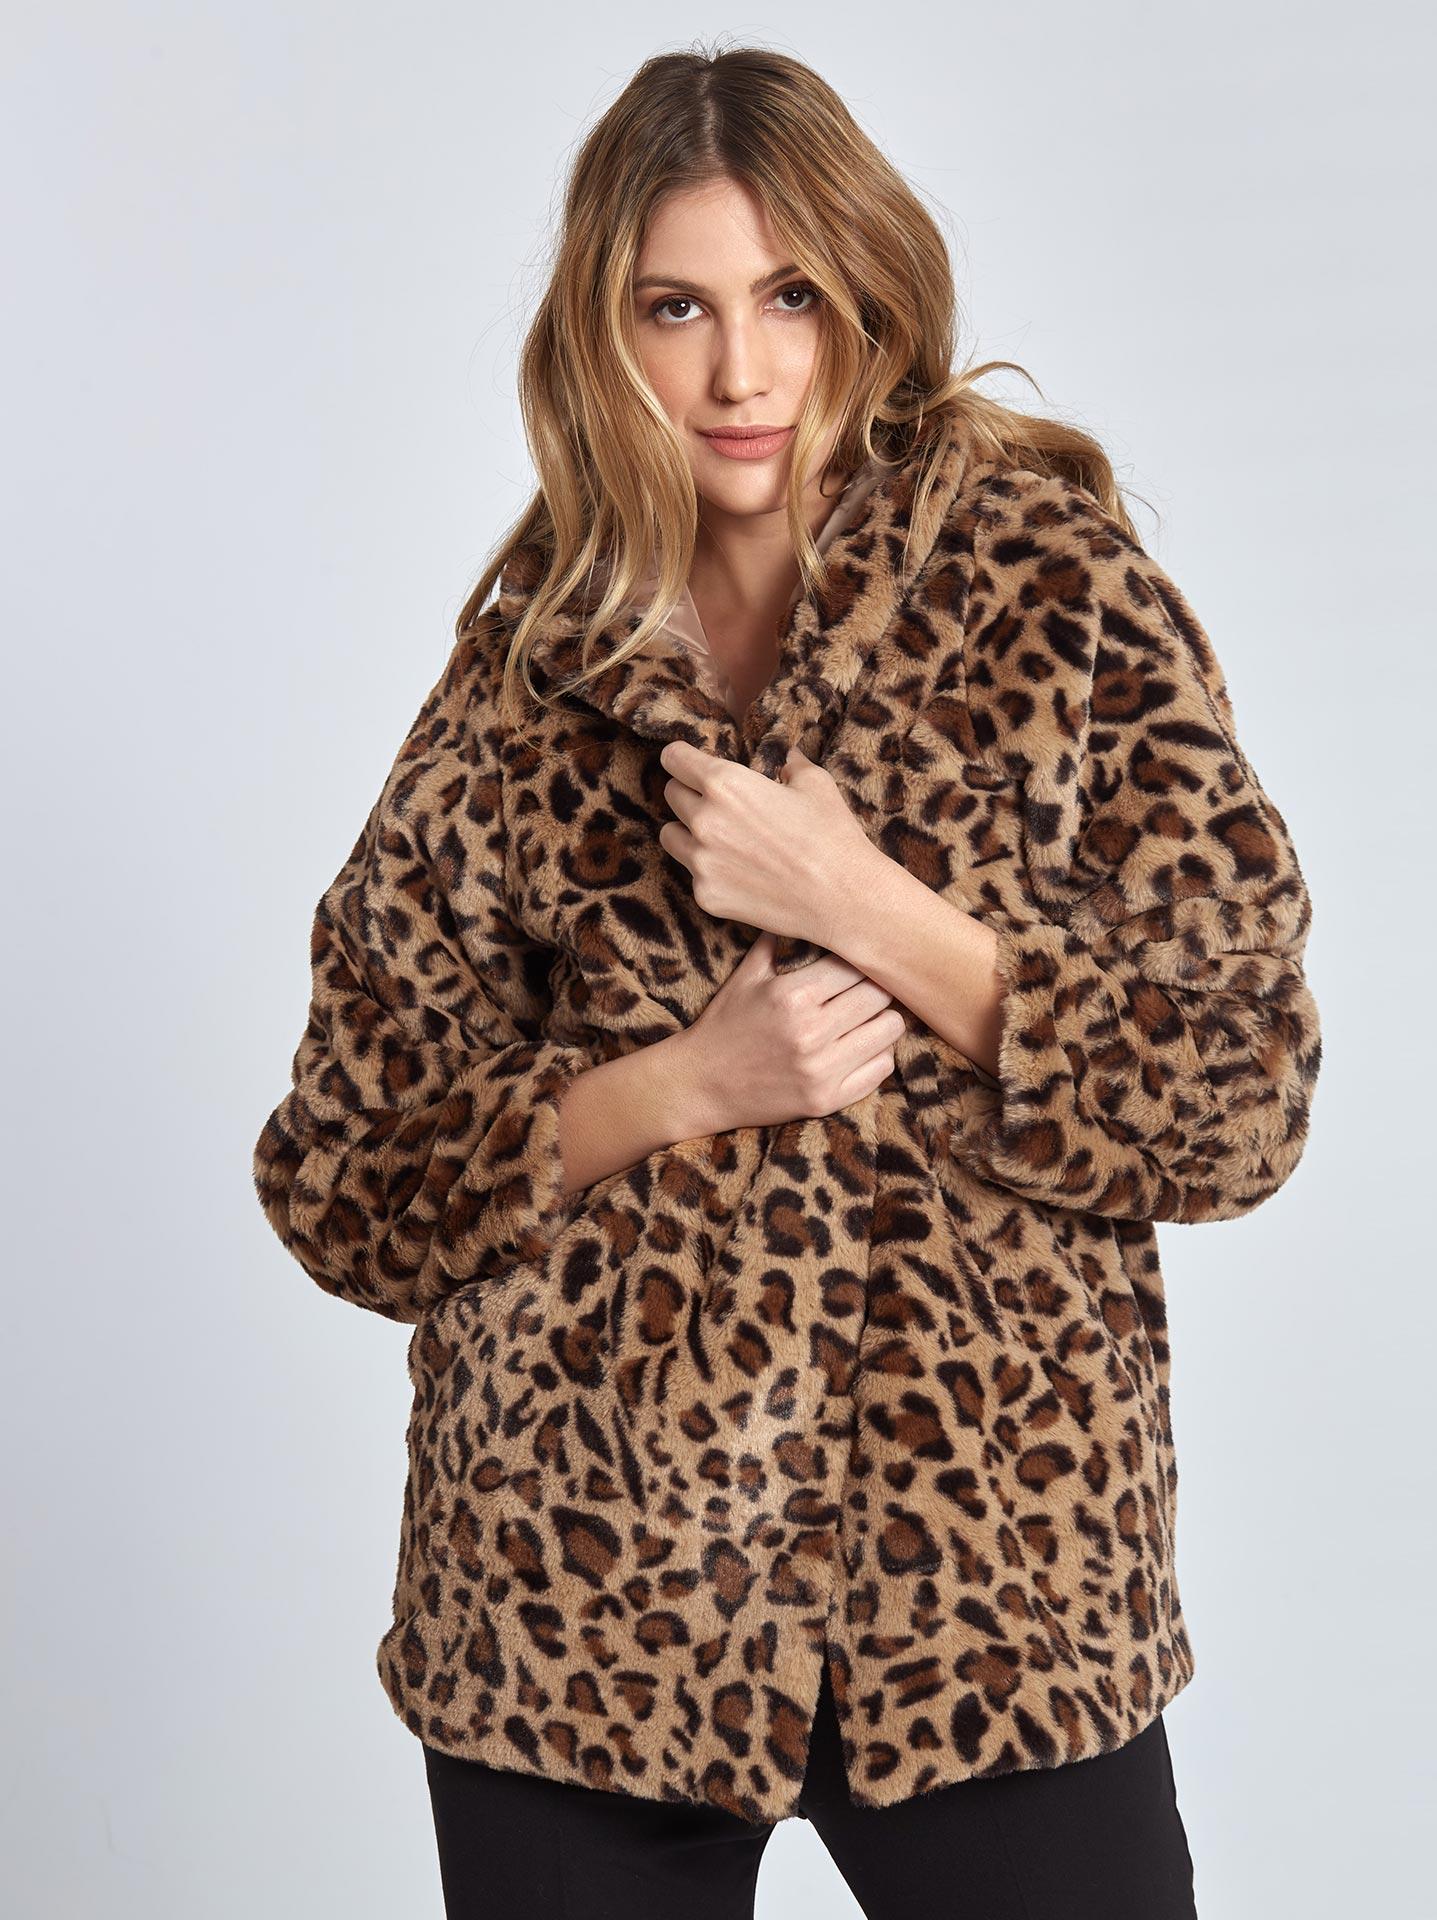 Λεοπάρ παλτό από οικολογική-συνθετική γούνα σε λεοπαρ c453c37fffc